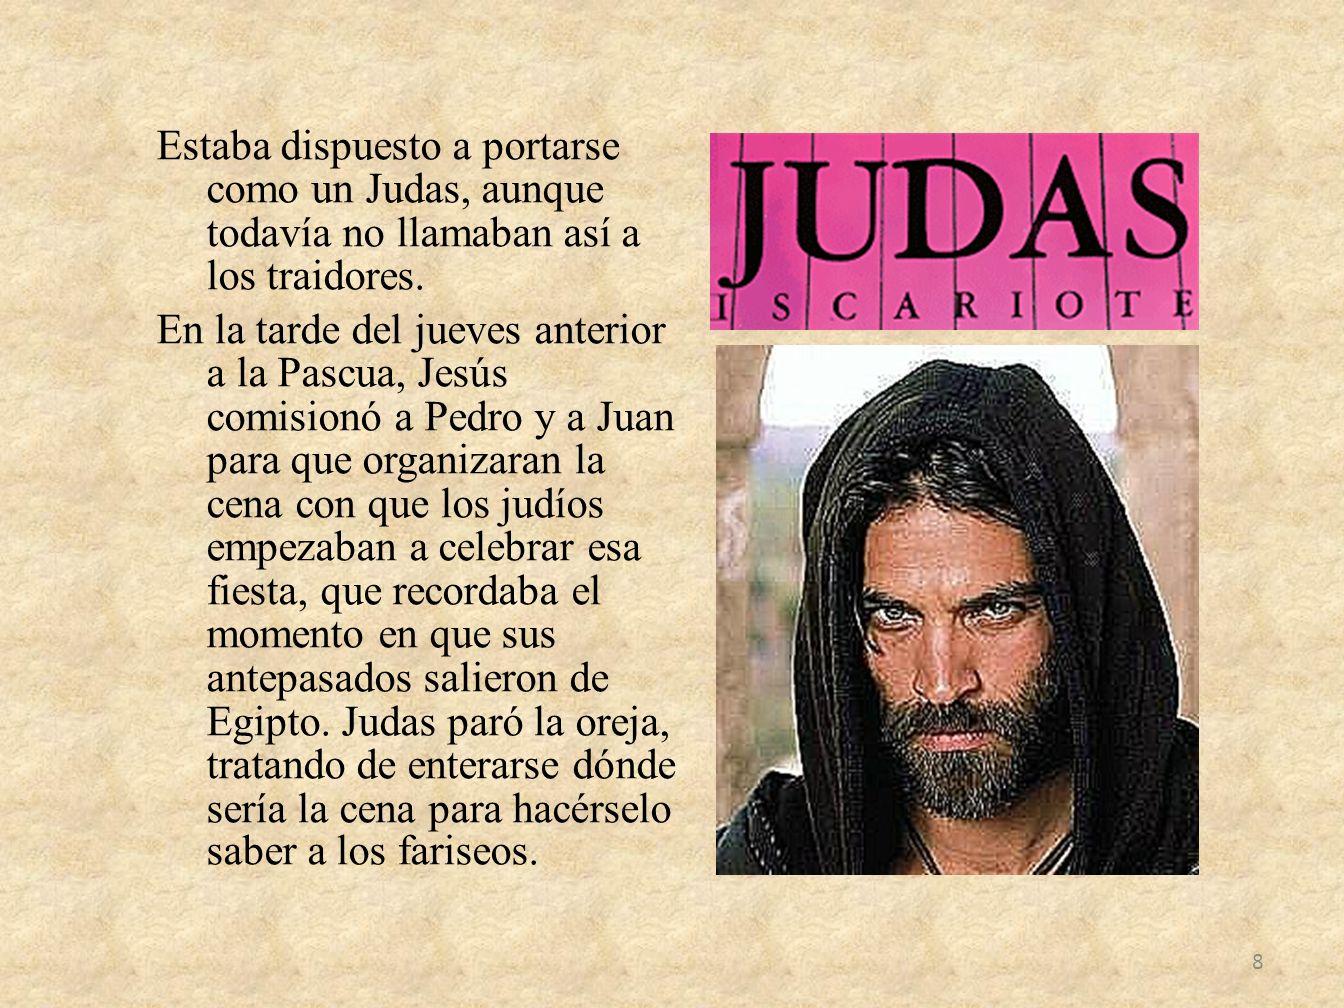 Estaba dispuesto a portarse como un Judas, aunque todavía no llamaban así a los traidores. En la tarde del jueves anterior a la Pascua, Jesús comision